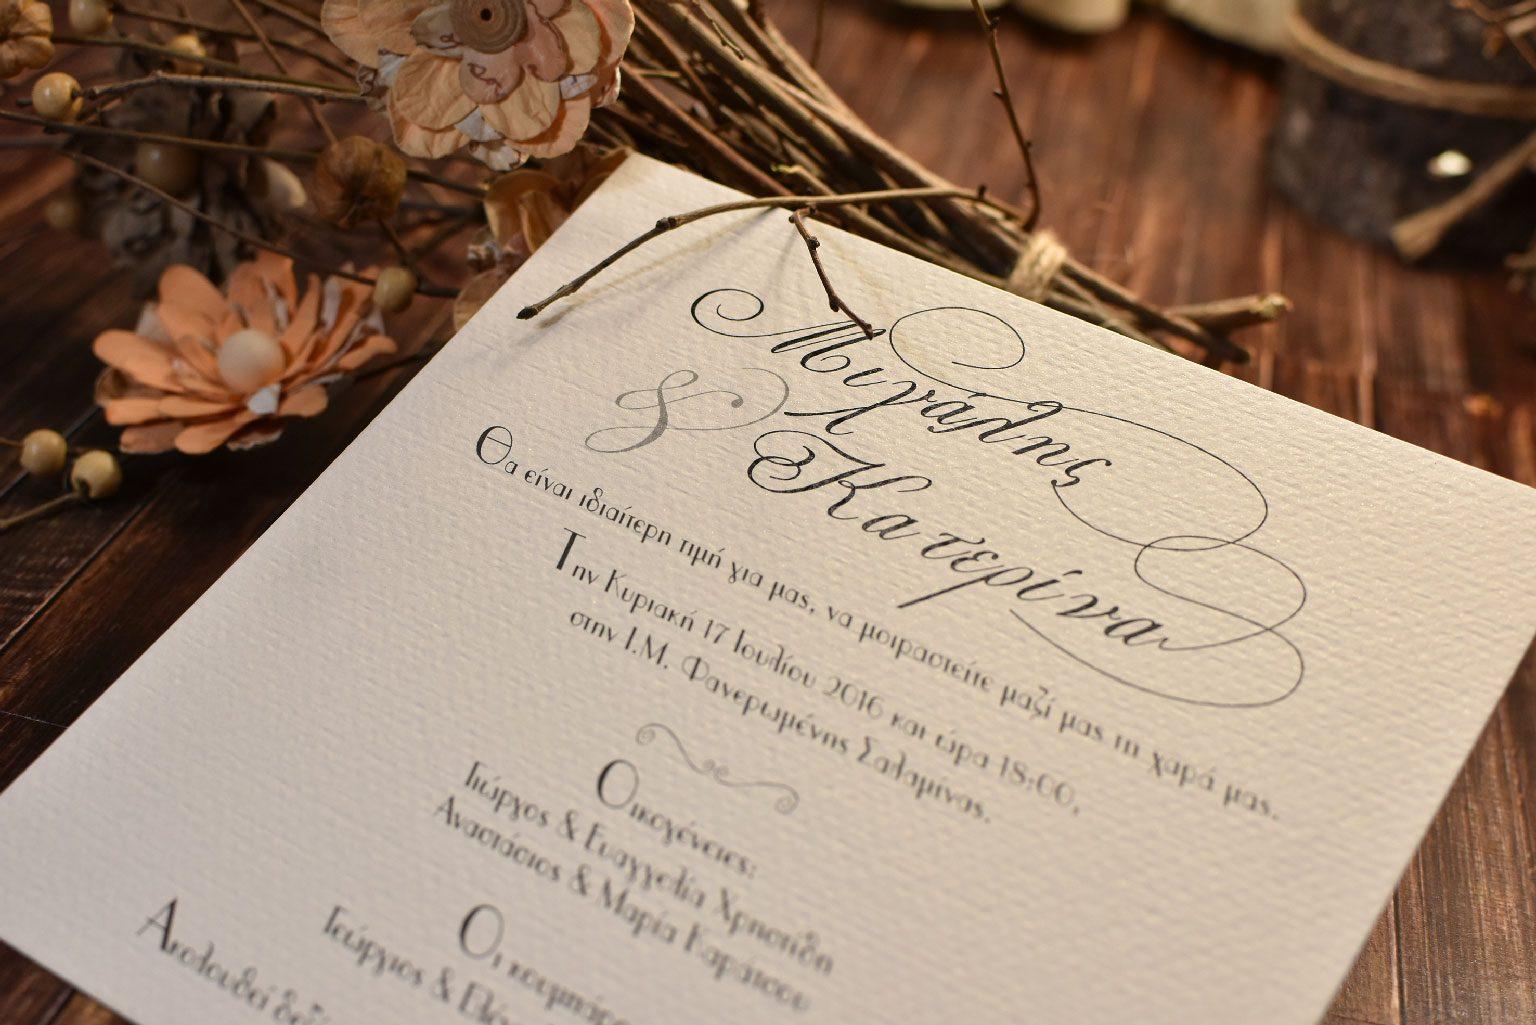 Προσκλητήριο γάμου καλιγραφικά